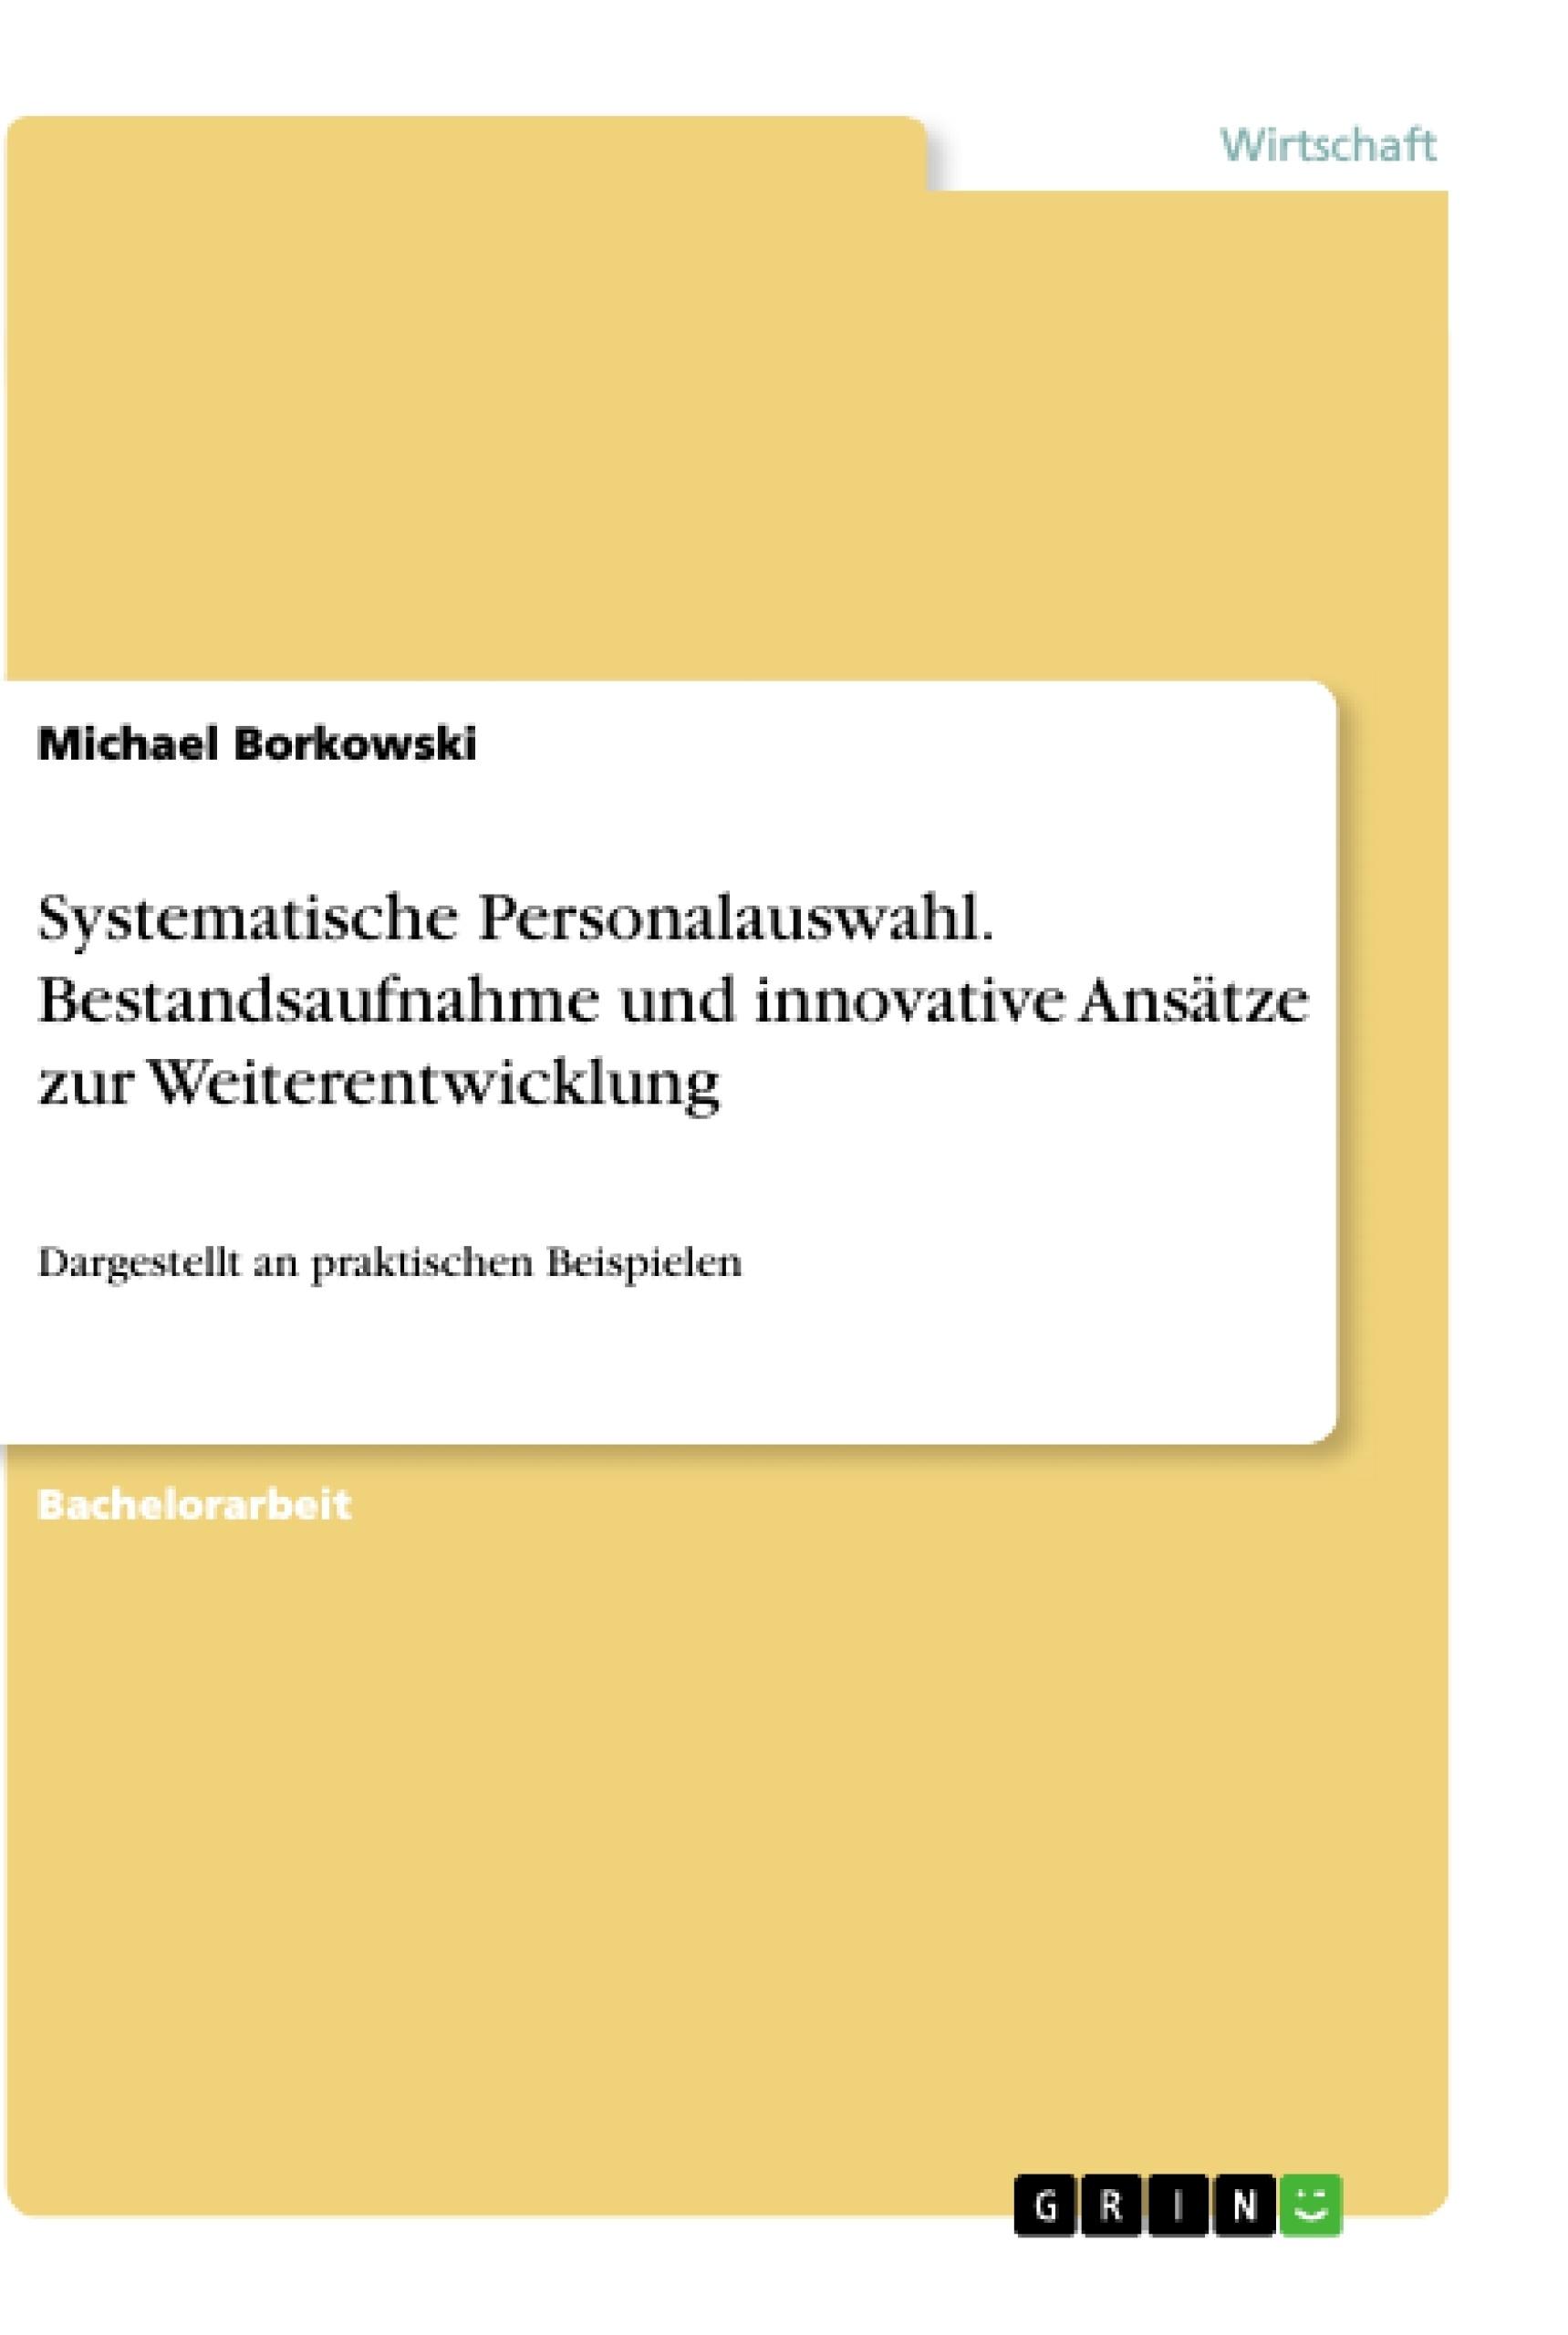 Titel: Systematische Personalauswahl. Bestandsaufnahme und innovative Ansätze zur Weiterentwicklung